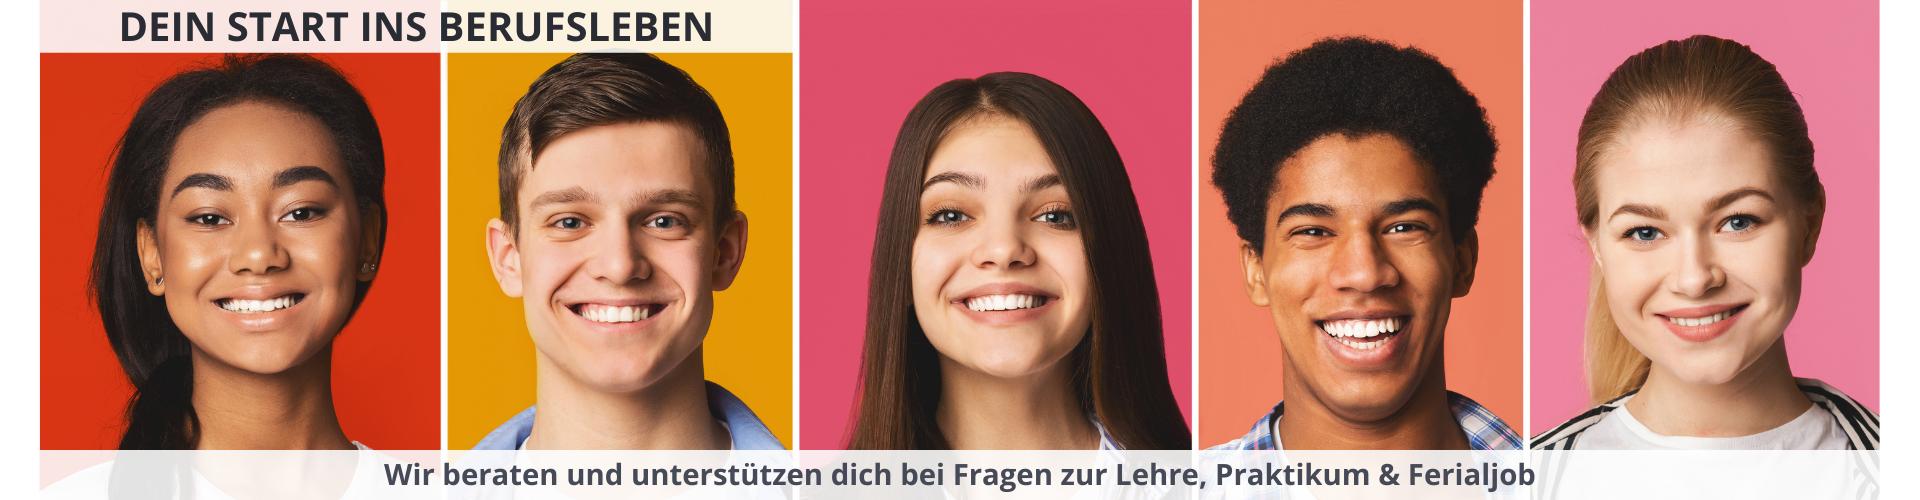 Fünf lächelnde Jugendliche © Prostock-studio, Adobe Stock